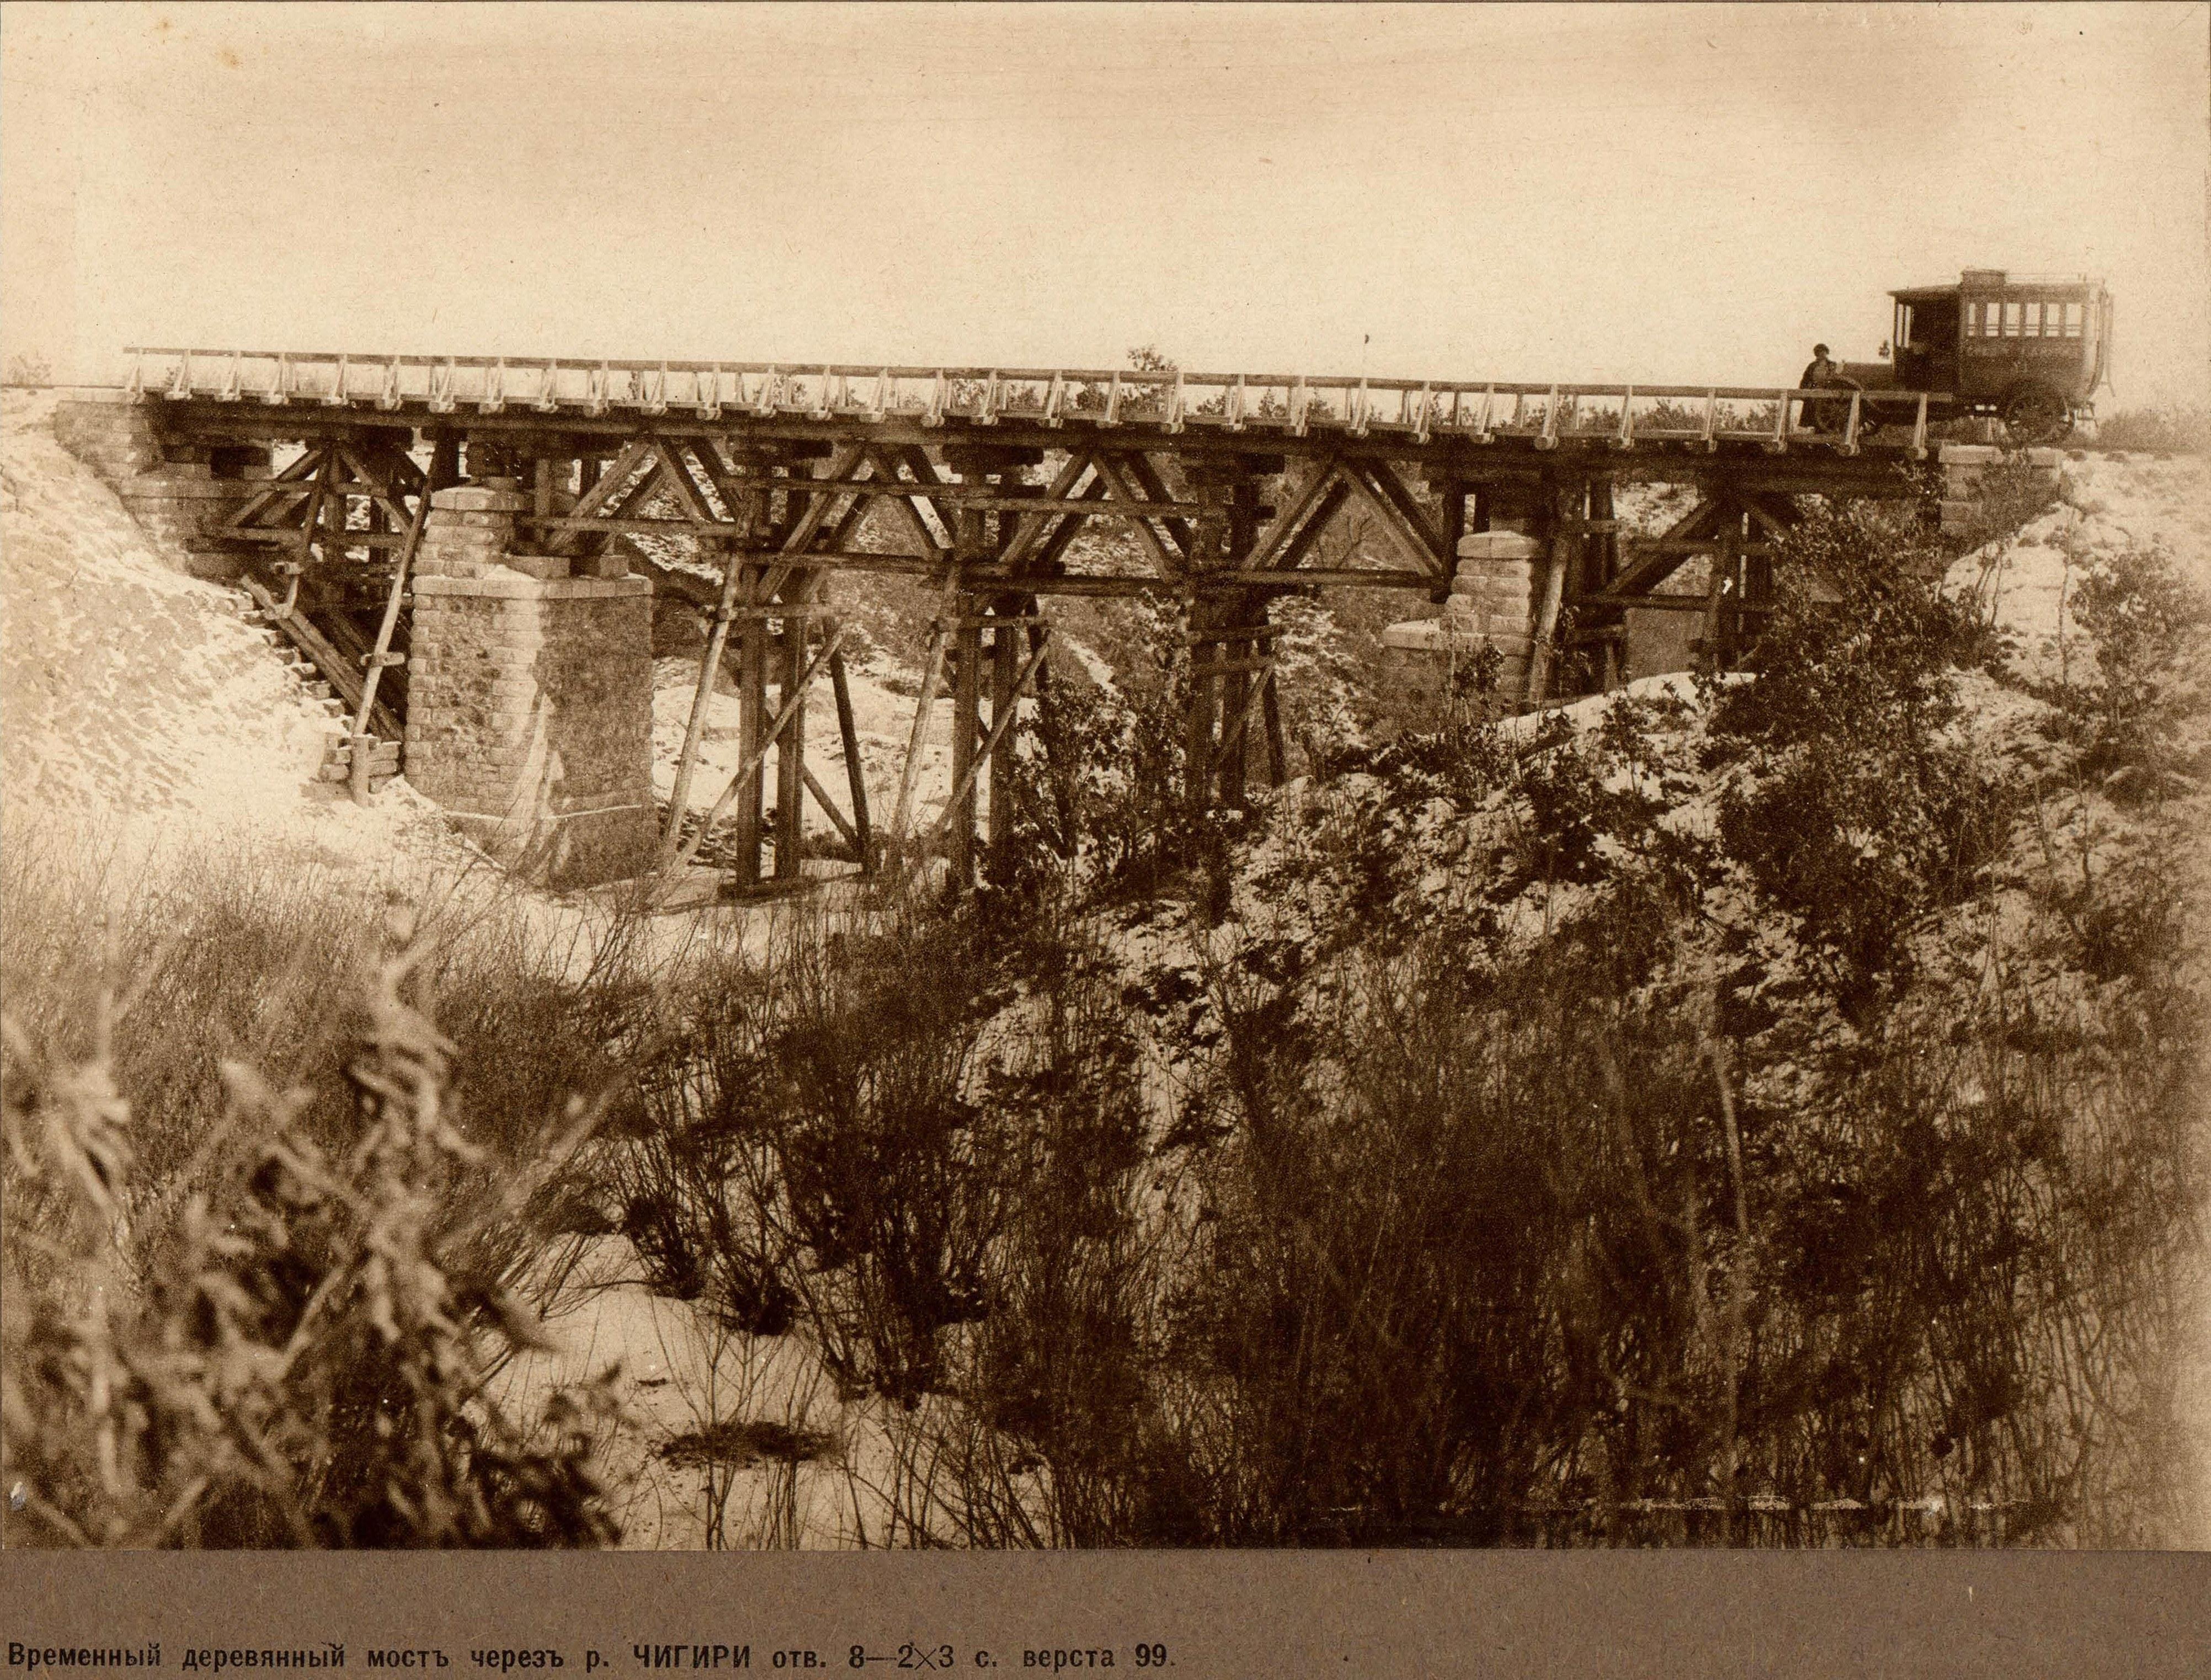 99 верста. Временный деревянный мост через реку Чигири